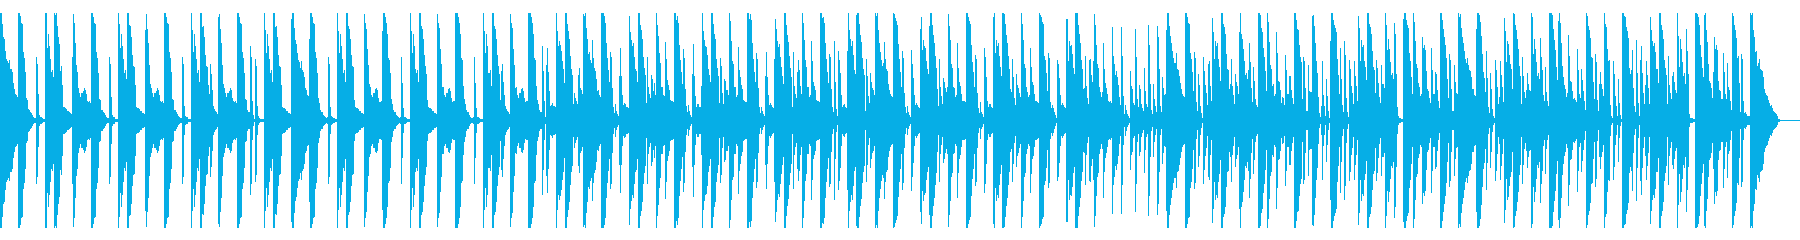 Vocal FX、167 BPMの再生済みの波形